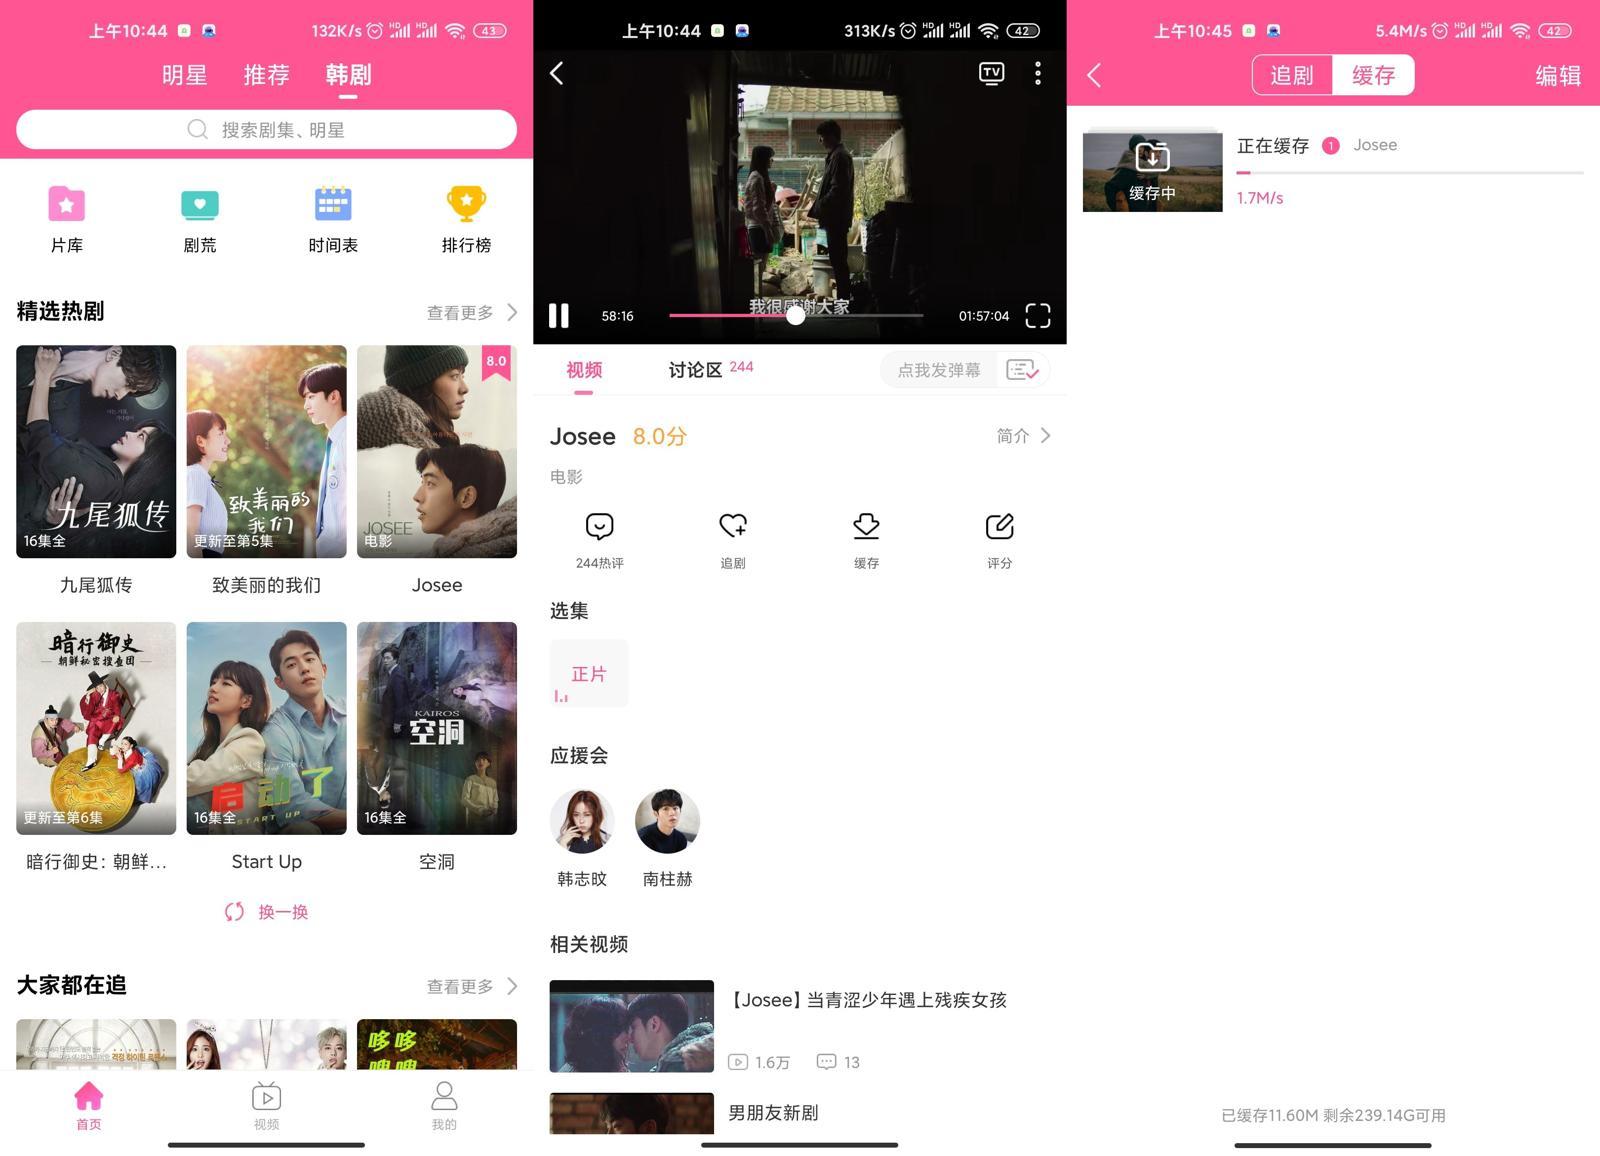 安卓韩剧Tv V5.7.6绿化版 - 第 1 张